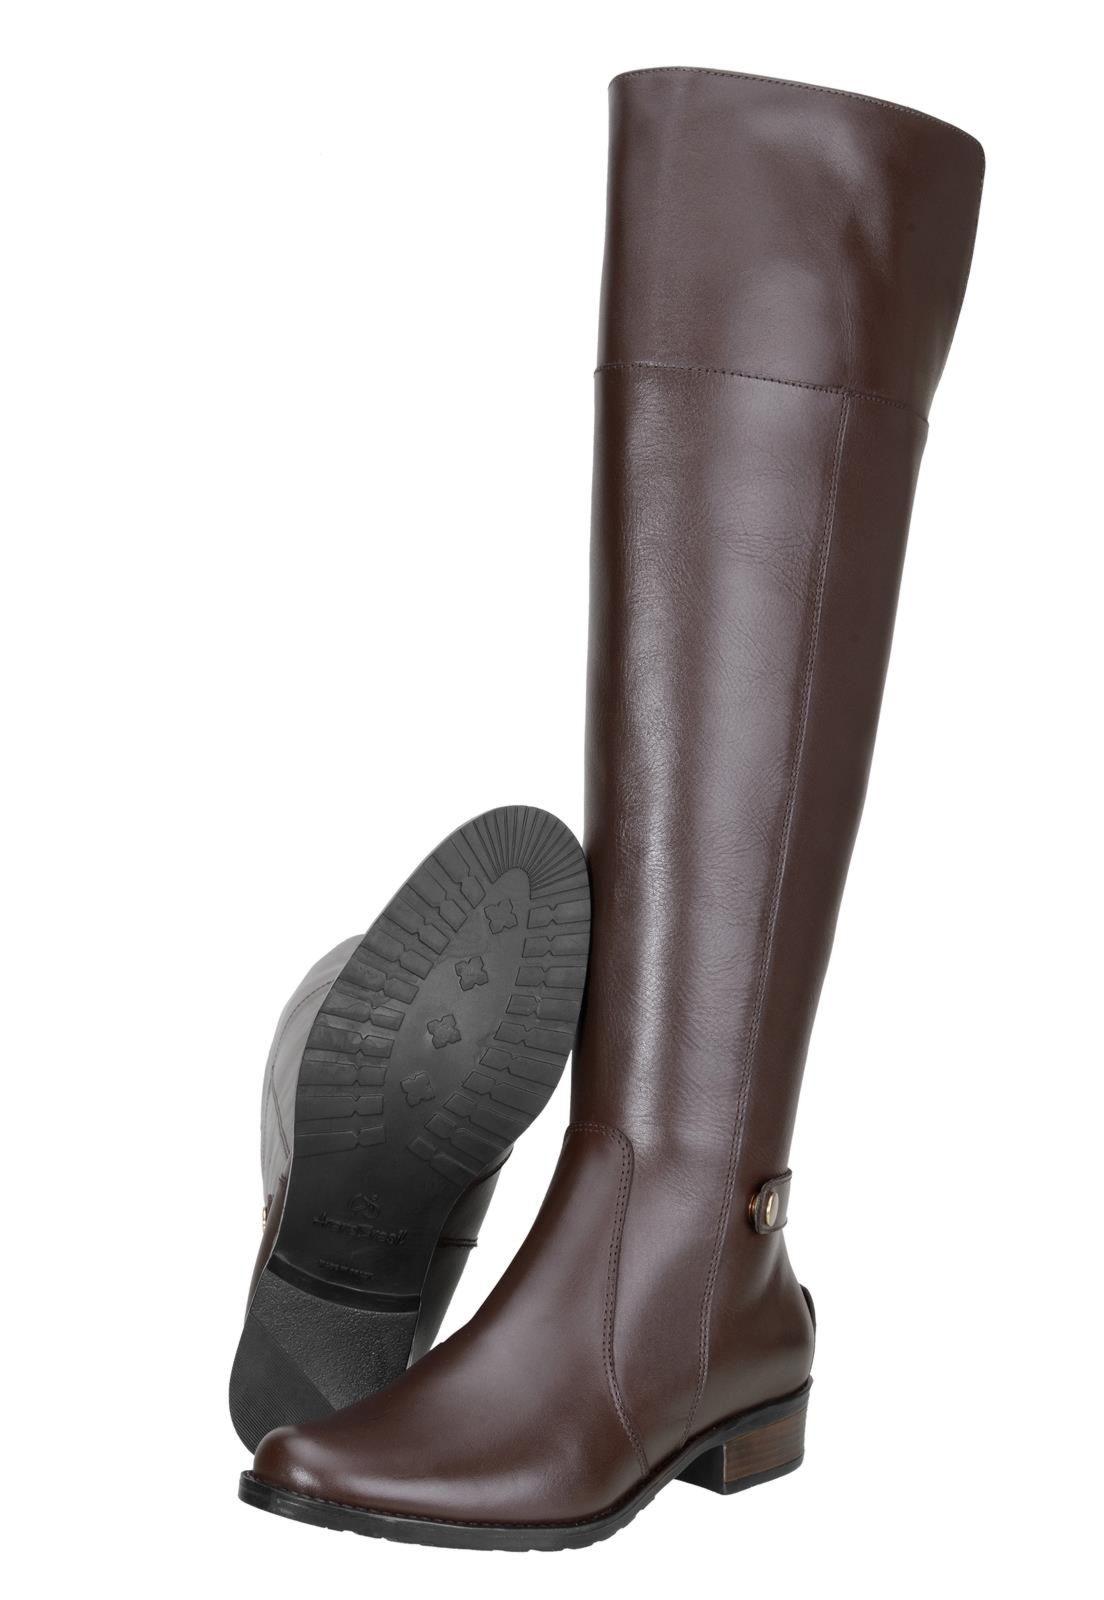 Bota Encinas Leather Montaria Over Knee 15516 Café